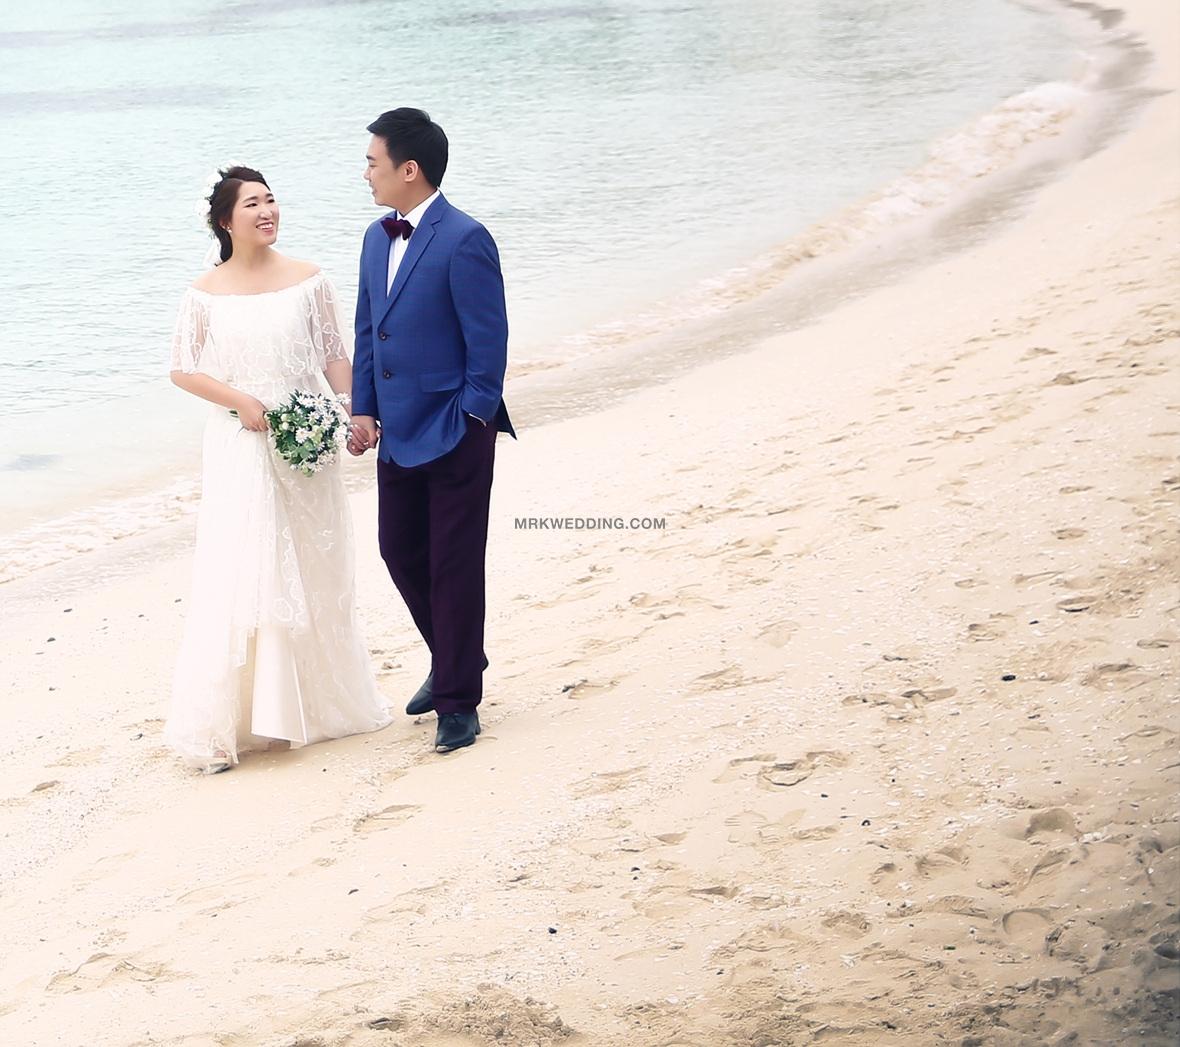 Korea pre wedding (5)1.jpg